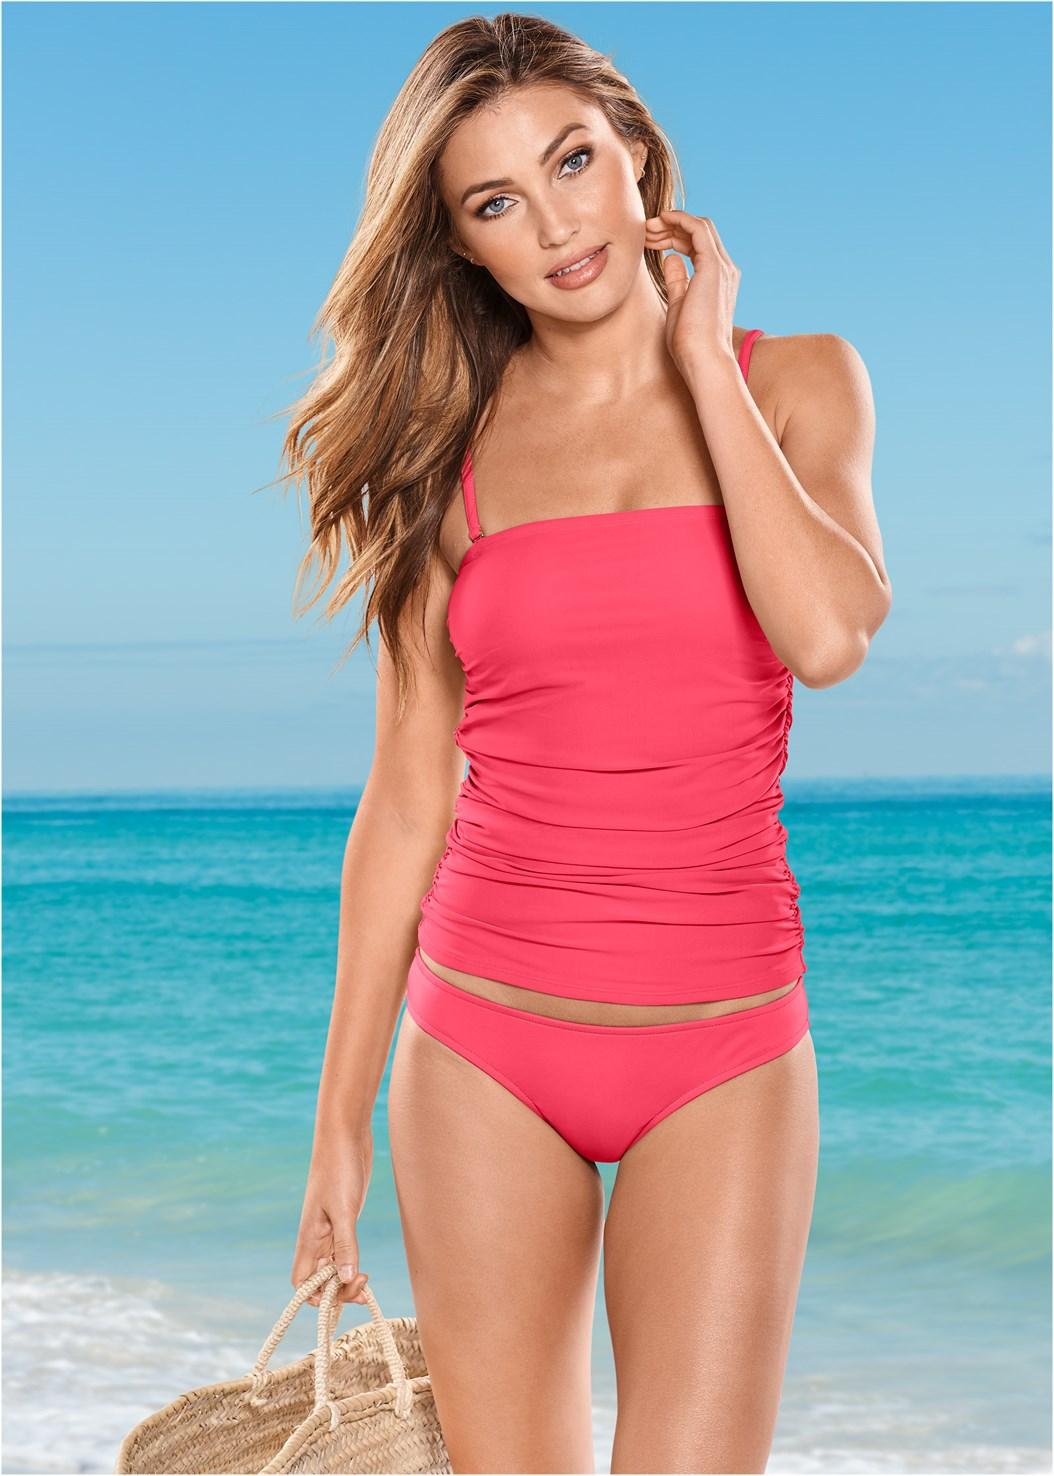 Slimming Tankini Top,Low Rise Classic Bikini Bottom ,Scoop Front Classic Bikini Bottom